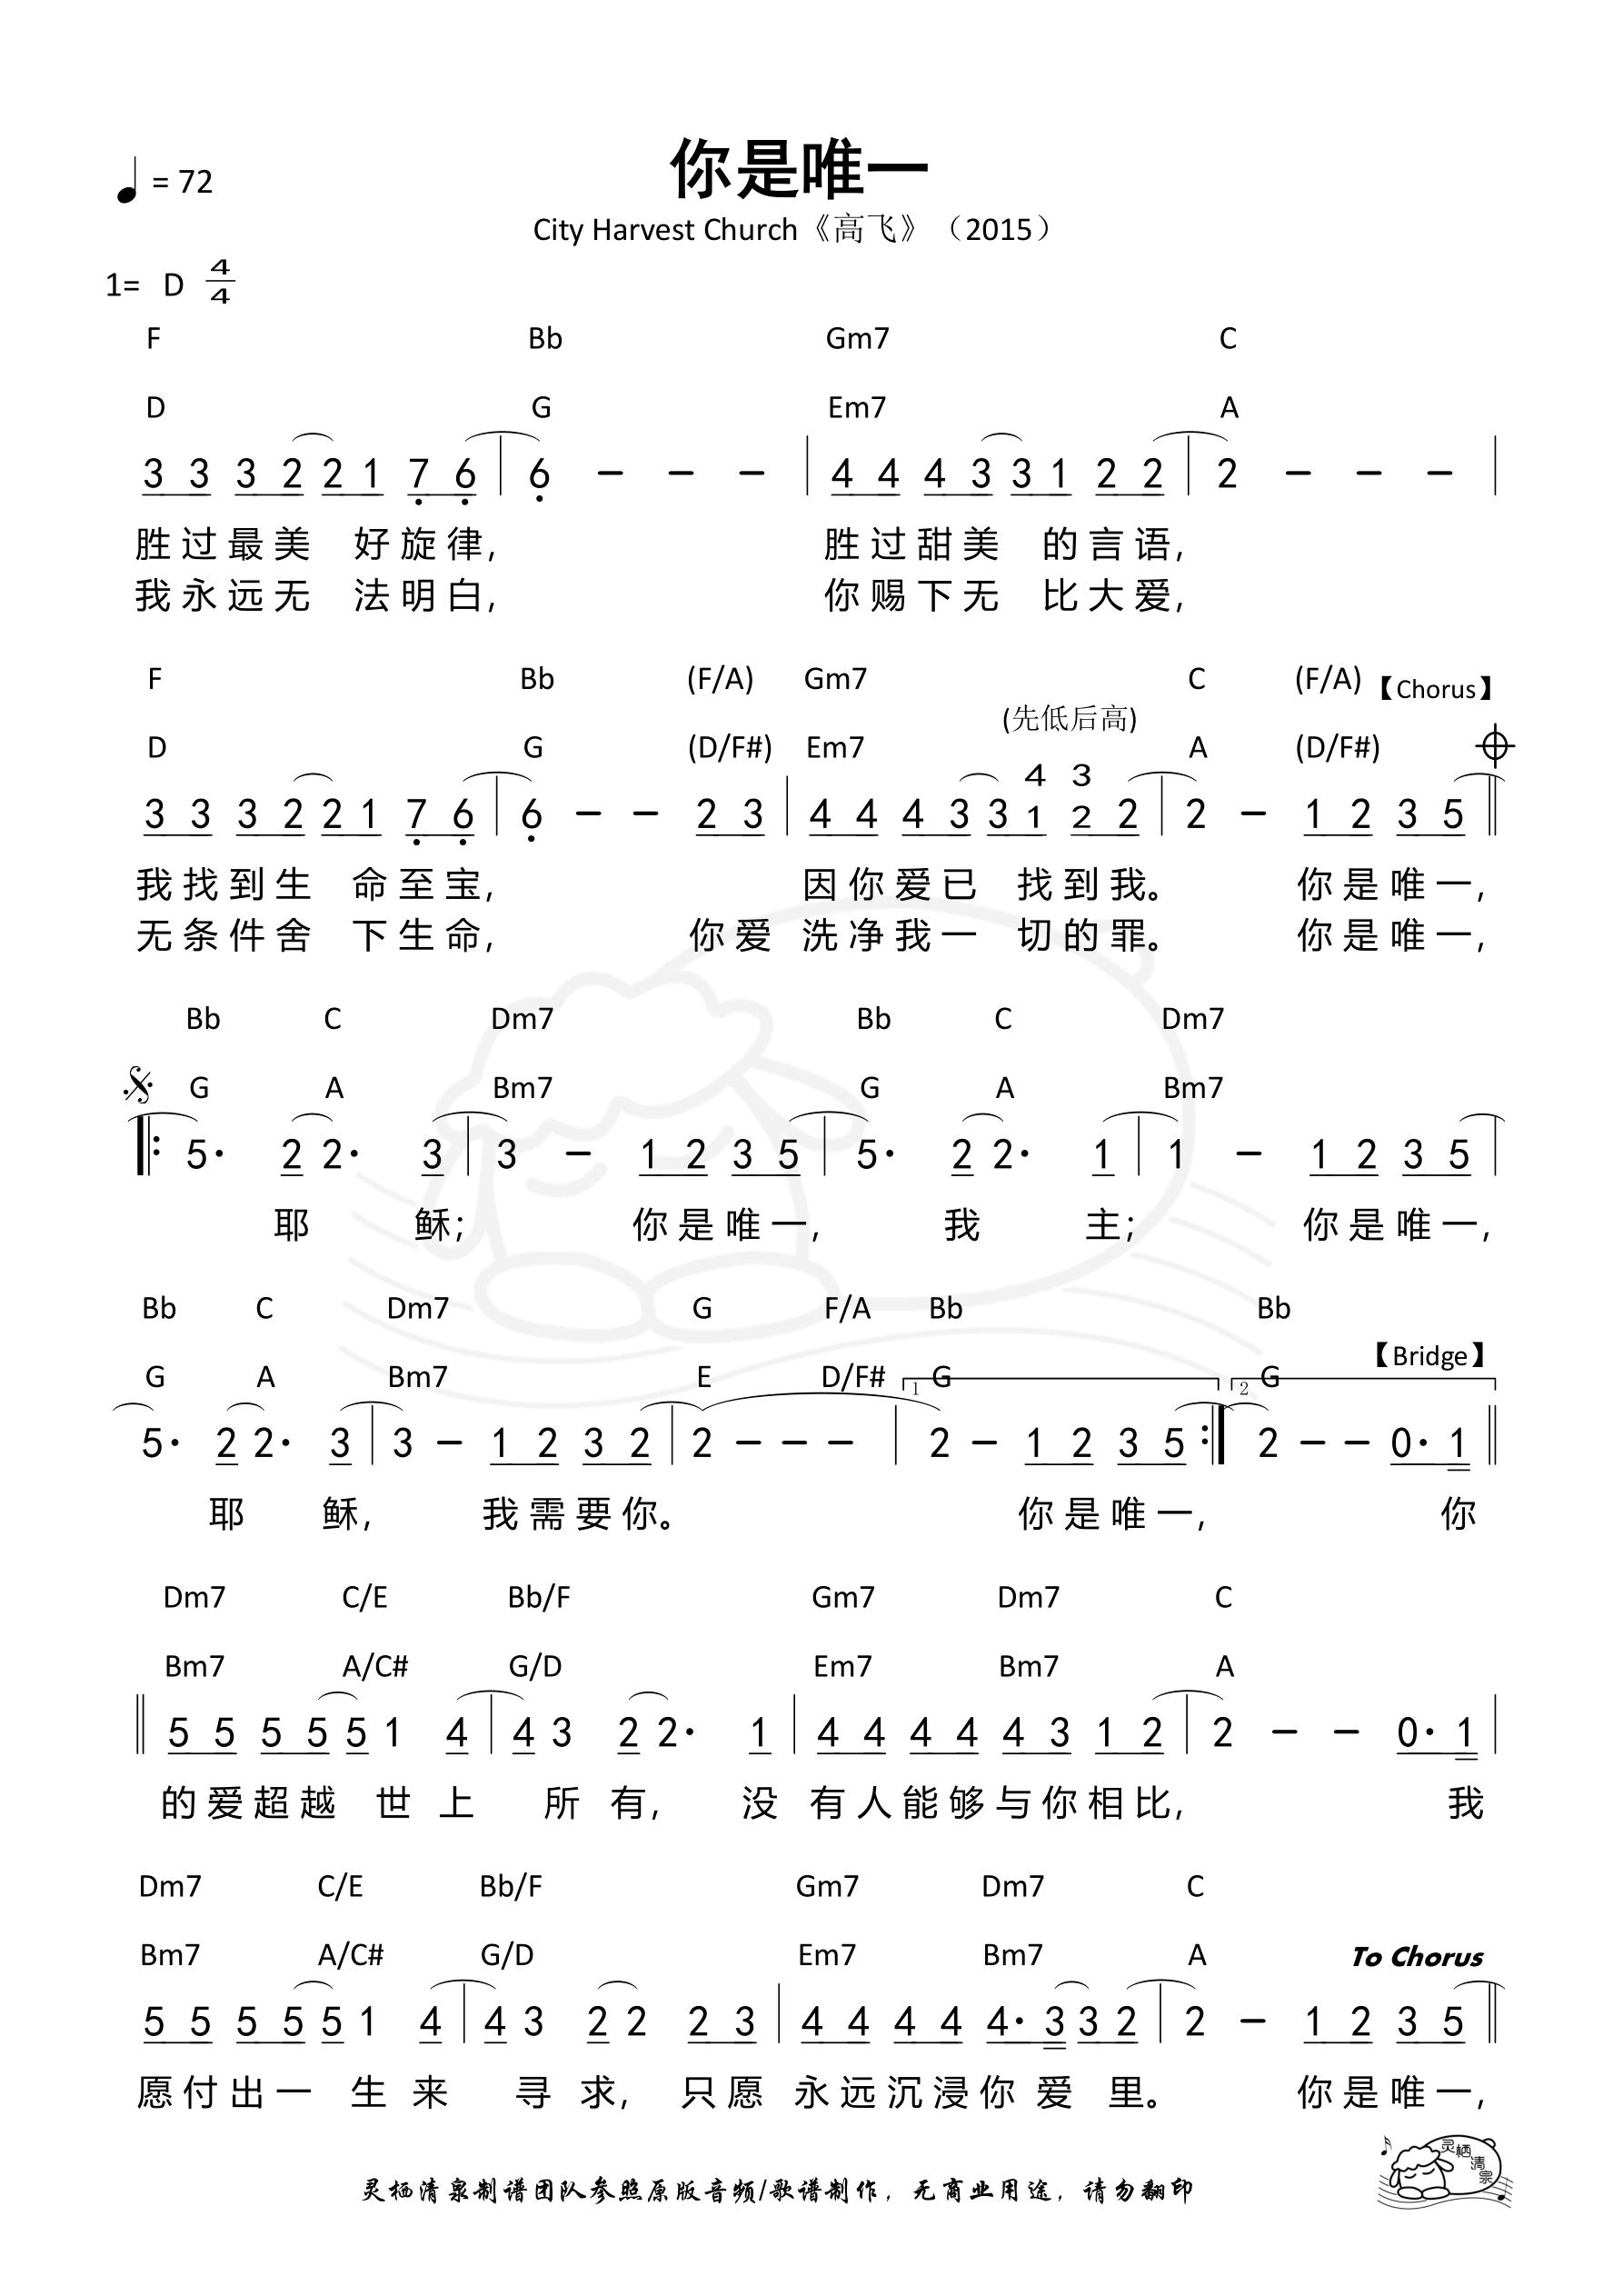 《第950首 - 你是唯一(CHC)和弦简谱》